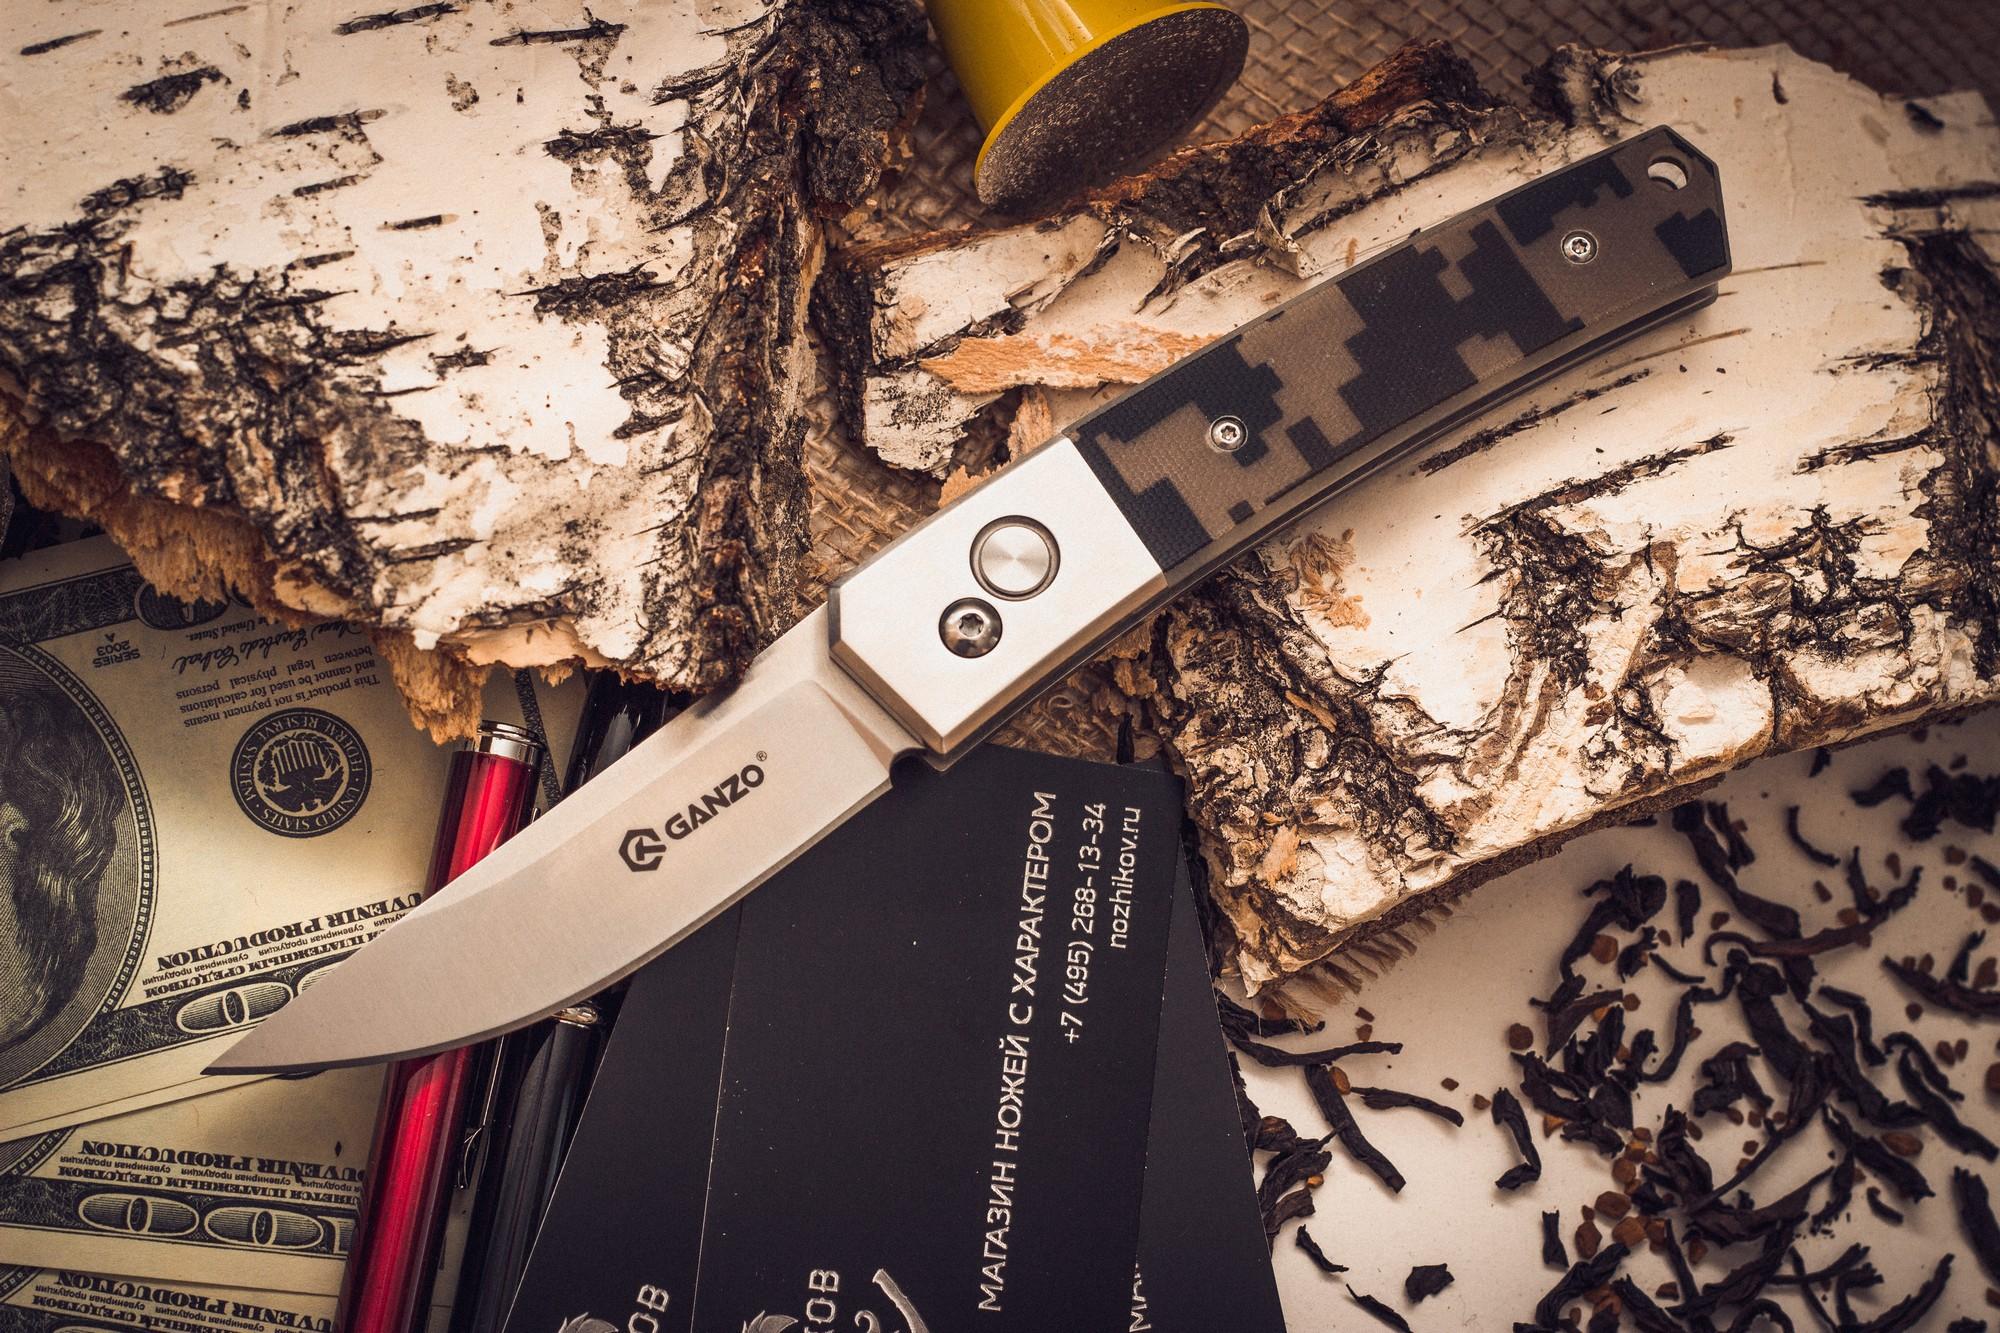 Складной нож Ganzo G7361, камуфляжЕсли вам нужен универсальный вариант ножа, который подойдет и для ежедневной эксплуатации в городских условиях, и для поездок на природе, то хорошим решением будет купить Ganzo G7361. Эта модель изготовлена из надежных материалов и отличается очень сдержанным и лаконичным дизайном. Нож выглядит очень аккуратным, но способен работать практически с любыми материалами.<br>Клинок ножика сделан из стали марки 440С. Она относится к нержавеющим сплавам, но содержит достаточно большое количество углерода, чтобы металл приобрел твердость примерно 58 HRC. Такая твердость способствует тому, чтобы нож не нужно было слишком часто затачивать, но при необходимости, сделать это было бы просто при помощи обычной карманной точилки. Поверхность лезвия обработана методом шлифовки, благодаря чему она гладкая и глянцевая. Режущая кромка заточена классическим способом — гладко. Это также способствует универсальности ножа. Размер клинка равен 8 см по длине с толщиной по обуху 0,3 см.